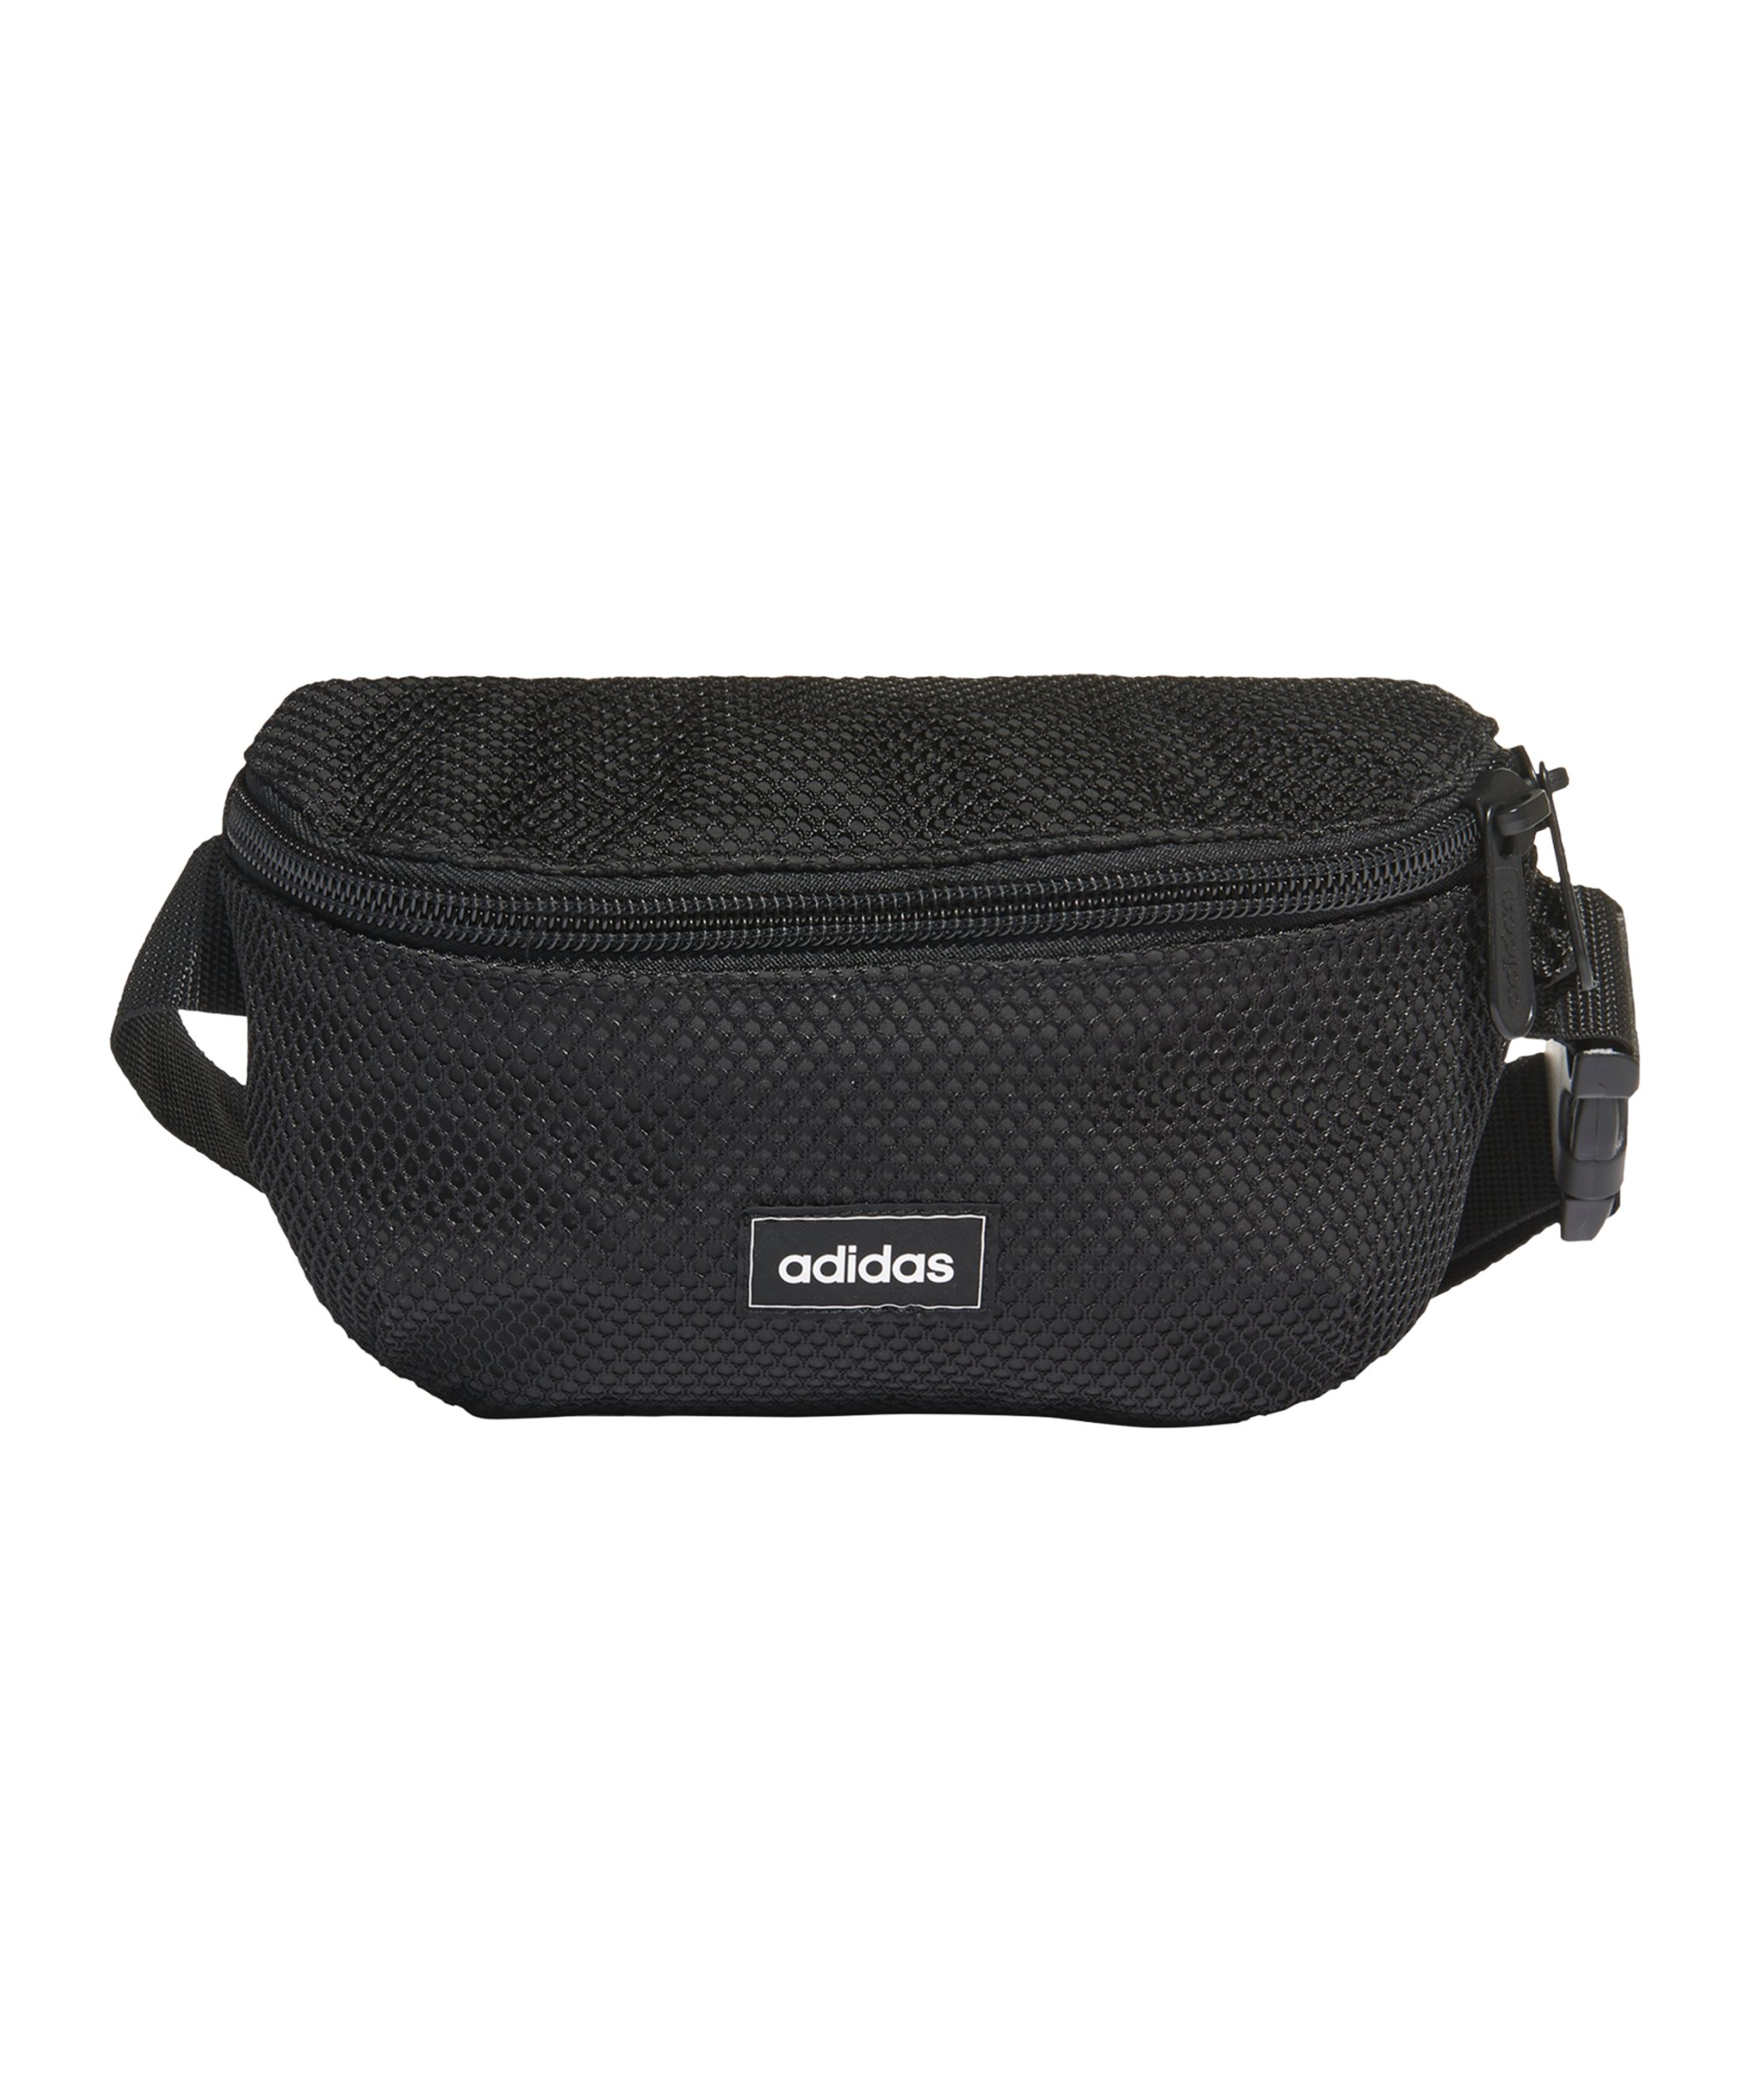 adidas Mesh Hüfttasche Schwarz - schwarz